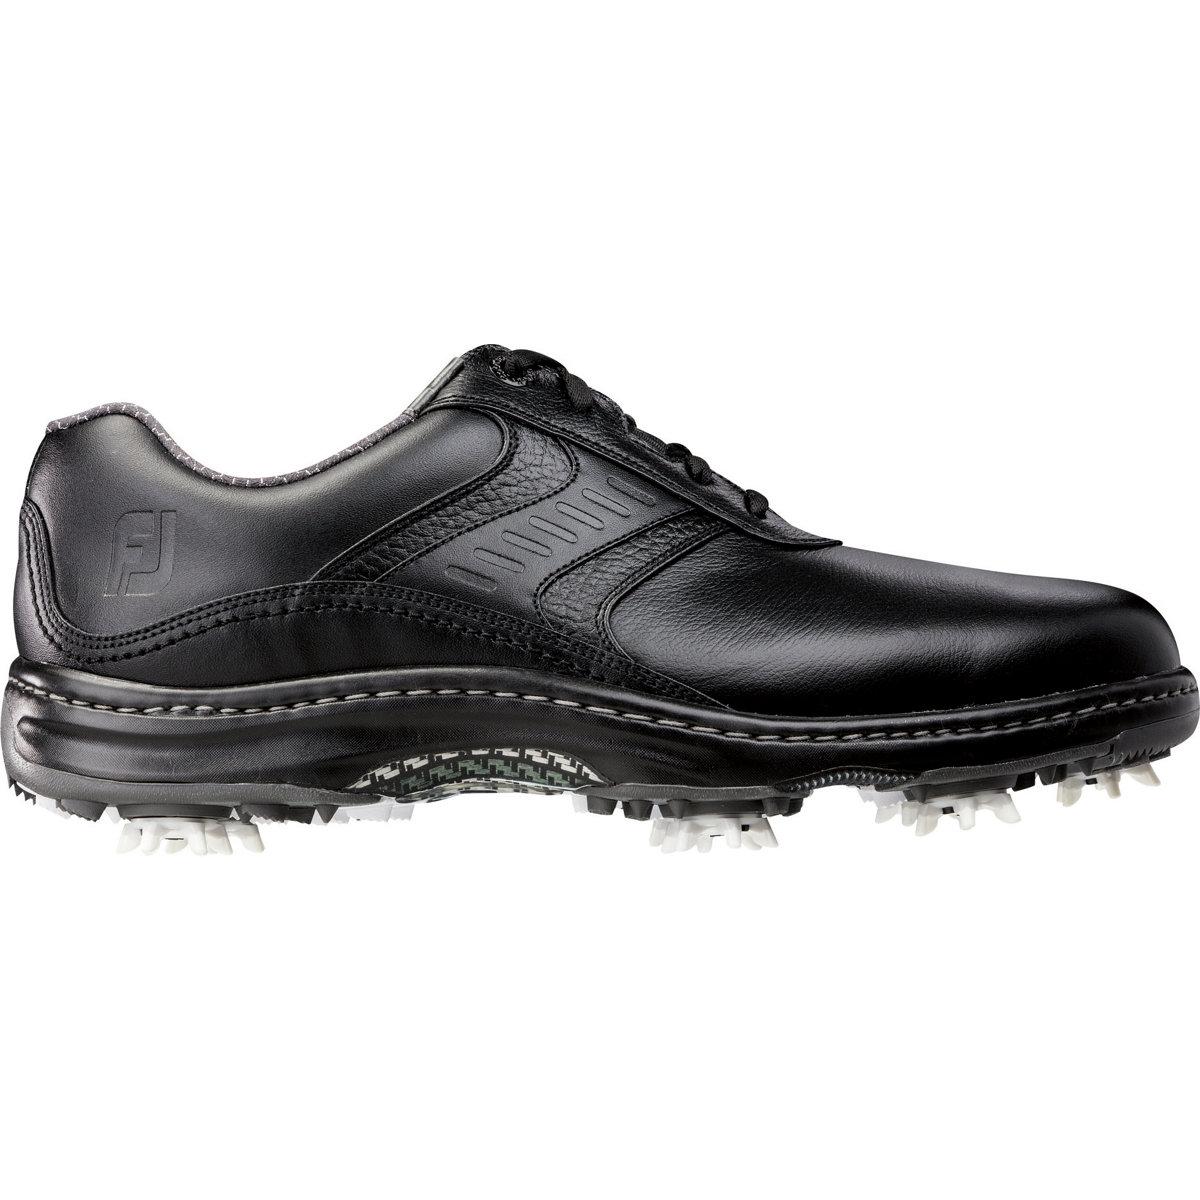 Mens Fj Footjoy Contour Golf Shoes